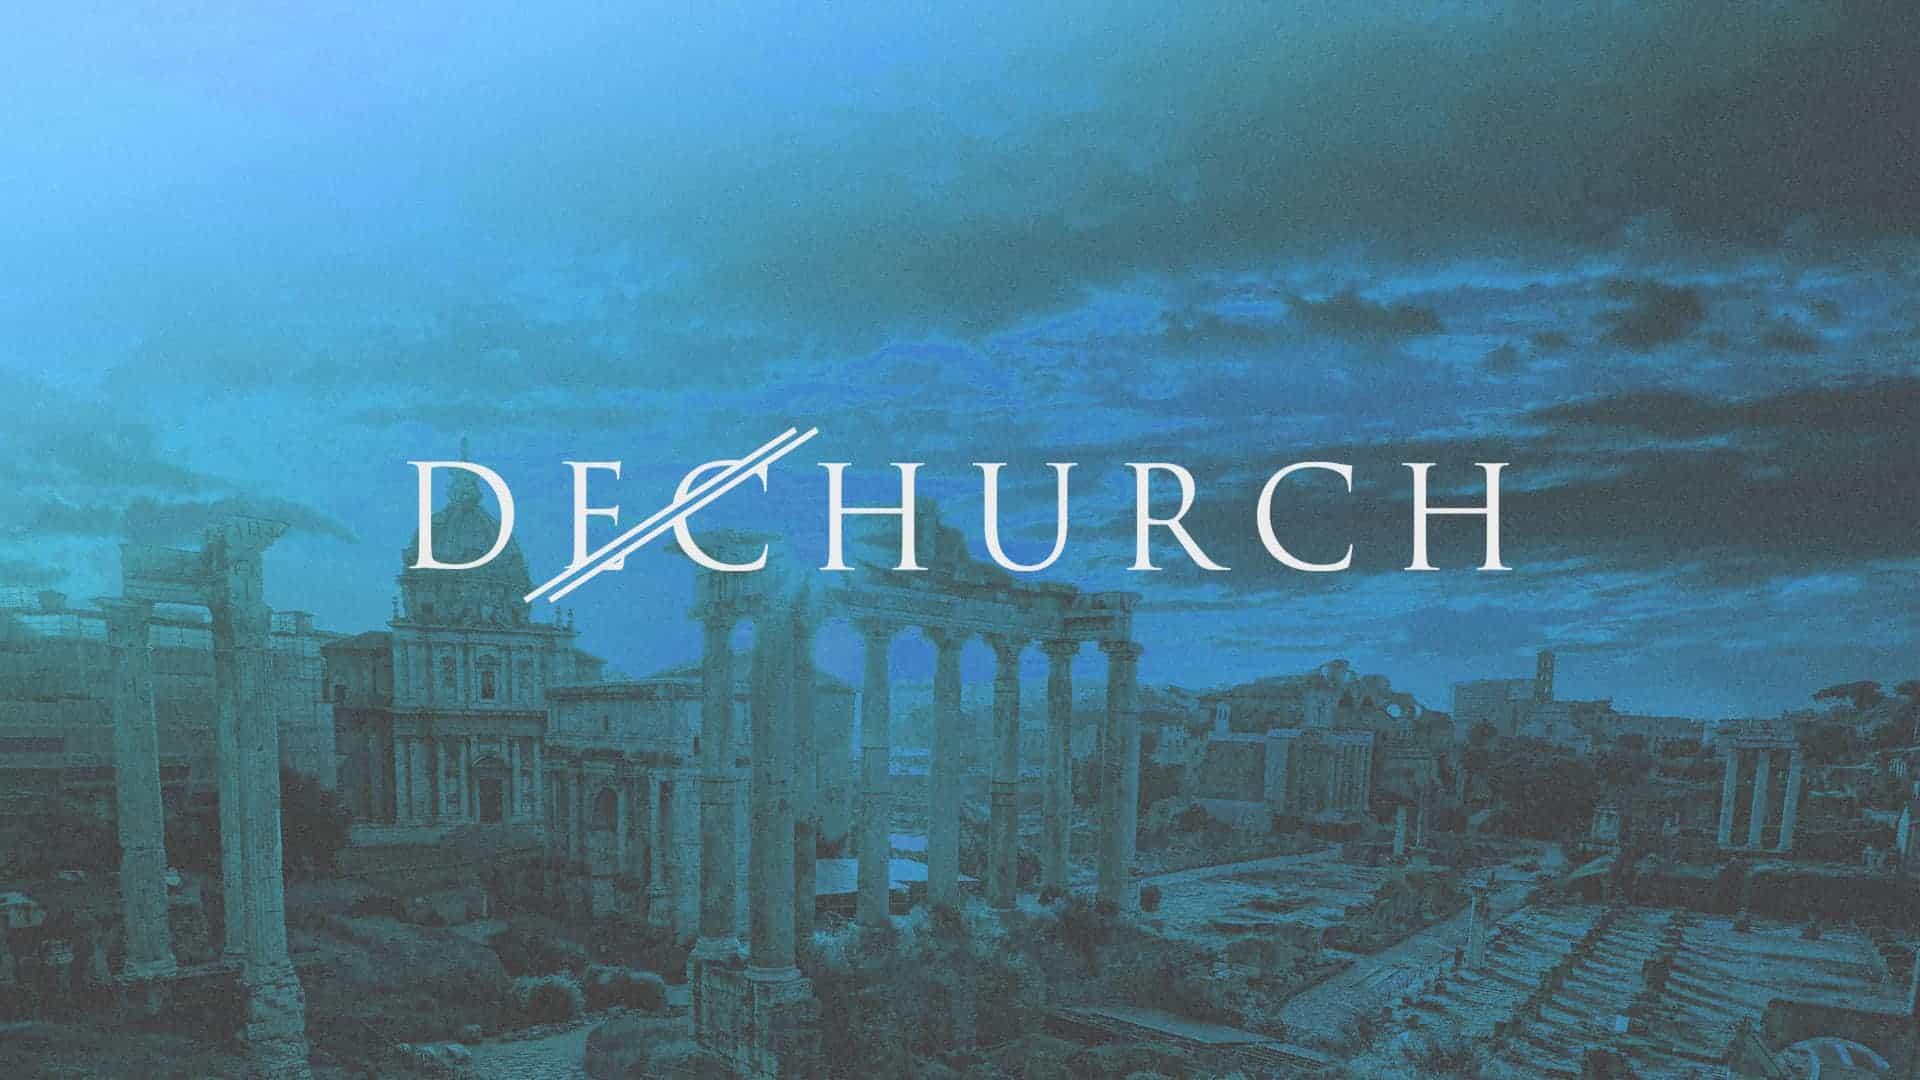 DeChurch